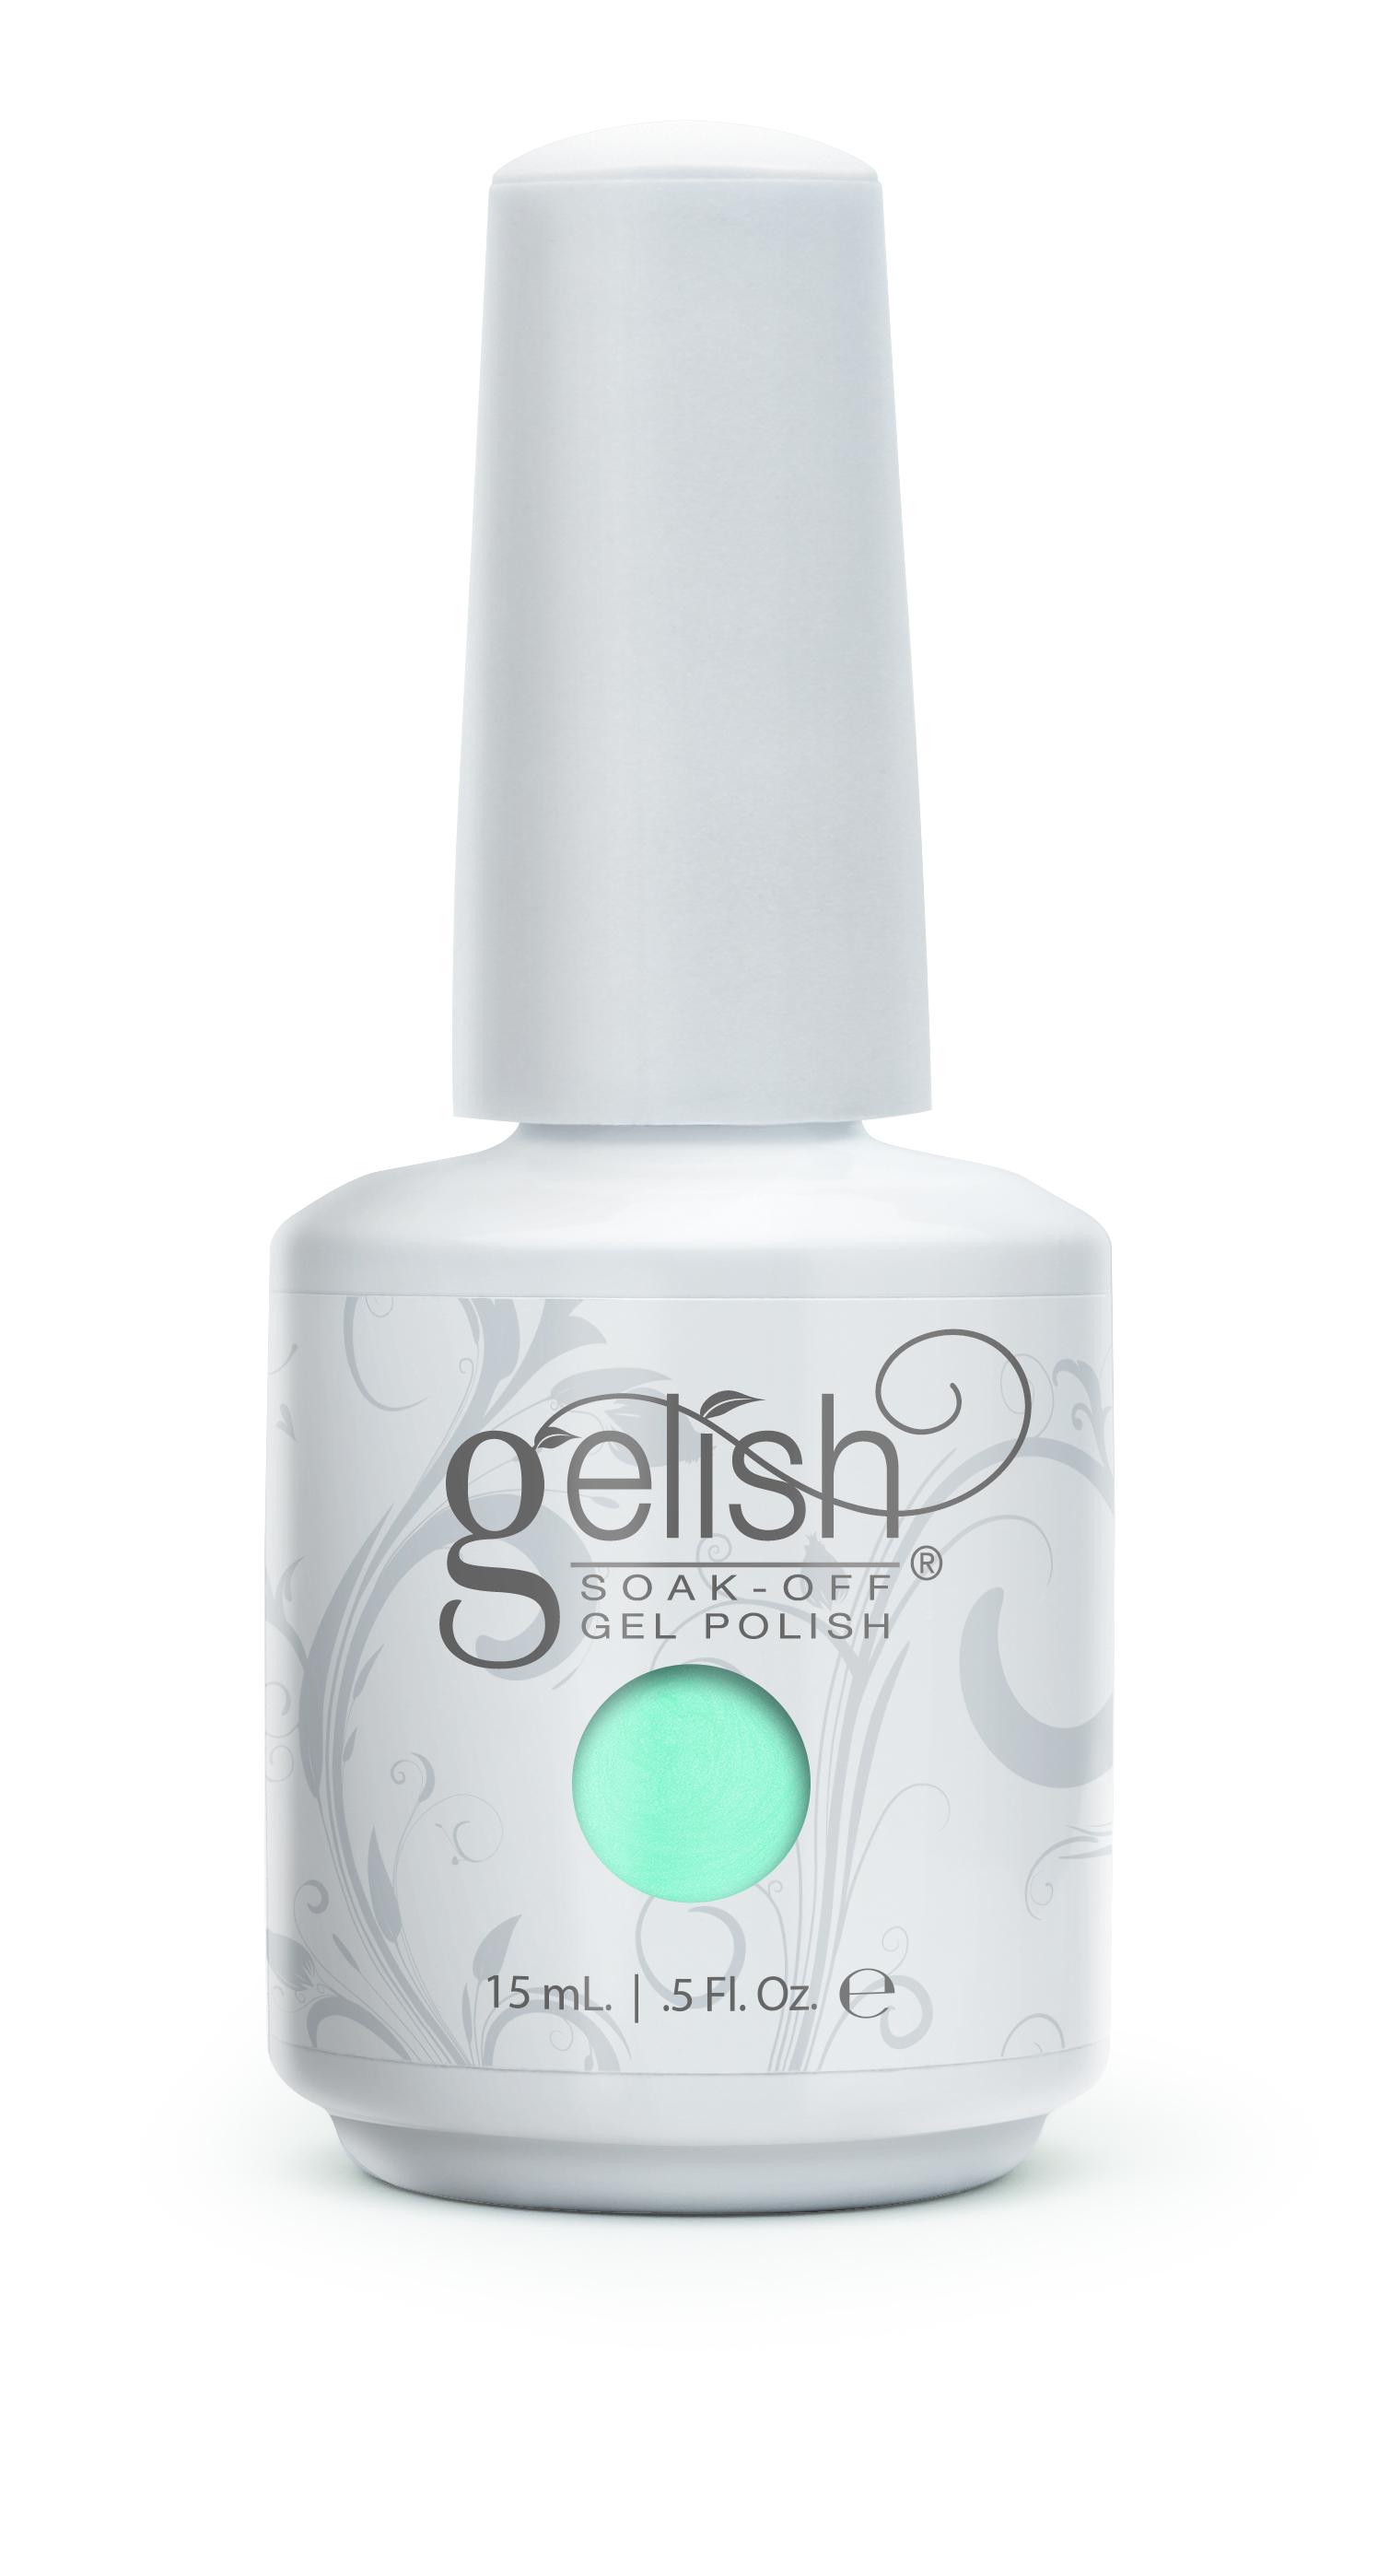 GELISH Гель-лак Party At The Palace / GELISH 15млГель-лаки<br>Гель-лак Gelish наносится на ноготь как лак, с помощью кисточки под колпачком. Процедура нанесения схожа с&amp;nbsp;нанесением обычного цветного покрытия. Все гель-лаки Harmony Gelish выполняют функцию еще и укрепляющего геля, делая ногти более прочными и длинными. Ногти клиента находятся под защитой гель-лака, они не ломаются и не расслаиваются. Гель-лаки Gelish после сушки в LED или УФ лампах держатся на натуральных ногтях рук до 3 недель, а на ногтях ног до 5 недель. Способ применения: Подготовительный этап. Для начала нужно сделать маникюр. В зависимости от ваших предпочтений это может быть европейский, классический обрезной, СПА или аппаратный маникюр. Главное, сдвинуть кутикулу с ногтевого ложа и удалить ороговевшие участки кожи вокруг ногтей. Особенностью этой системы является то, что перед нанесением базового слоя необходимо обработать ноготь шлифовочным бафом Harmony Buffer 100/180 грит, для того, чтобы снять глянец. Это поможет улучшить сцепку покрытия с ногтем. Пыль, которая осталась после опила, излишки жира и влаги удаляются с помощью обезжиривателя Бондер / GELISH pH Bond 15&amp;nbsp;мл или любого другого дегитратора. Нанесение искусственного покрытия Harmony.&amp;nbsp; После того, как подготовительные процедуры завершены, можно приступать непосредственно к нанесению искусственного покрытия Harmony Gelish. Как и все гелевые лаки, продукцию этого бренда необходимо полимеризовать в лампе. Гель-лаки Gelish сохнут (полимеризуются) под LED или УФ лампой. Время полимеризации: В LED лампе 18G/6G = 30 секунд В LED лампе Gelish Mini Pro = 45 секунд В УФ лампах 36 Вт = 120 секунд В УФ лампе Harmony Mini Portable UV Light = 180 секунд ПРИМЕЧАНИЕ: подвергать полимеризации необходимо каждый слой гель-лакового покрытия! 1)Первым наносится тонкий слой базового покрытия Gelish Foundation Soak Off Base Gel 15 мл. 2)Следующий шаг   нанесение цветного гель-лака Harmony Gelish.&amp;nbsp; 3)Заключительный этап Н